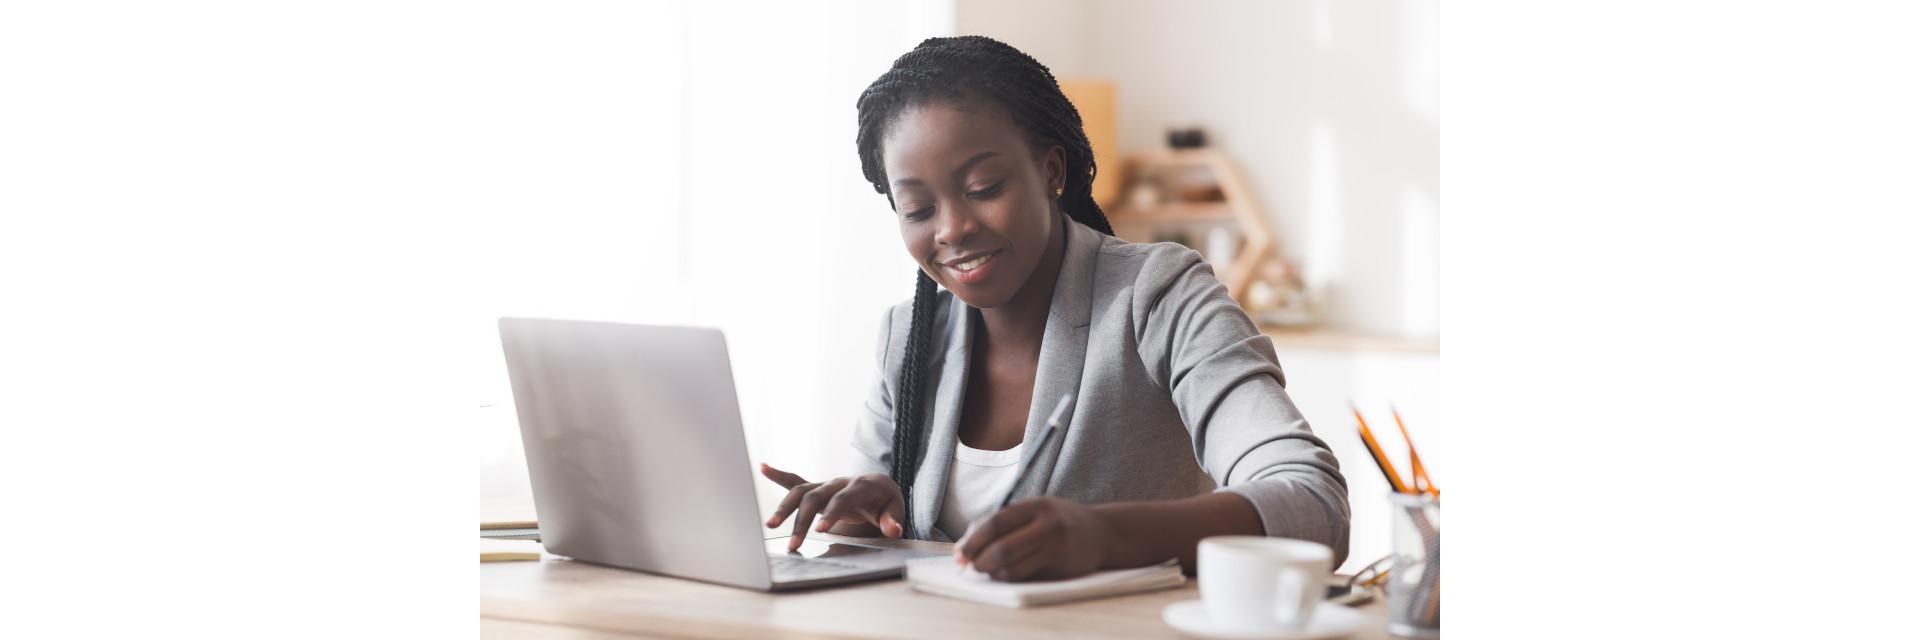 Le Président kényan, Uhuru Kenyatta, priorise l'investissement dans les femmes dans la technologie